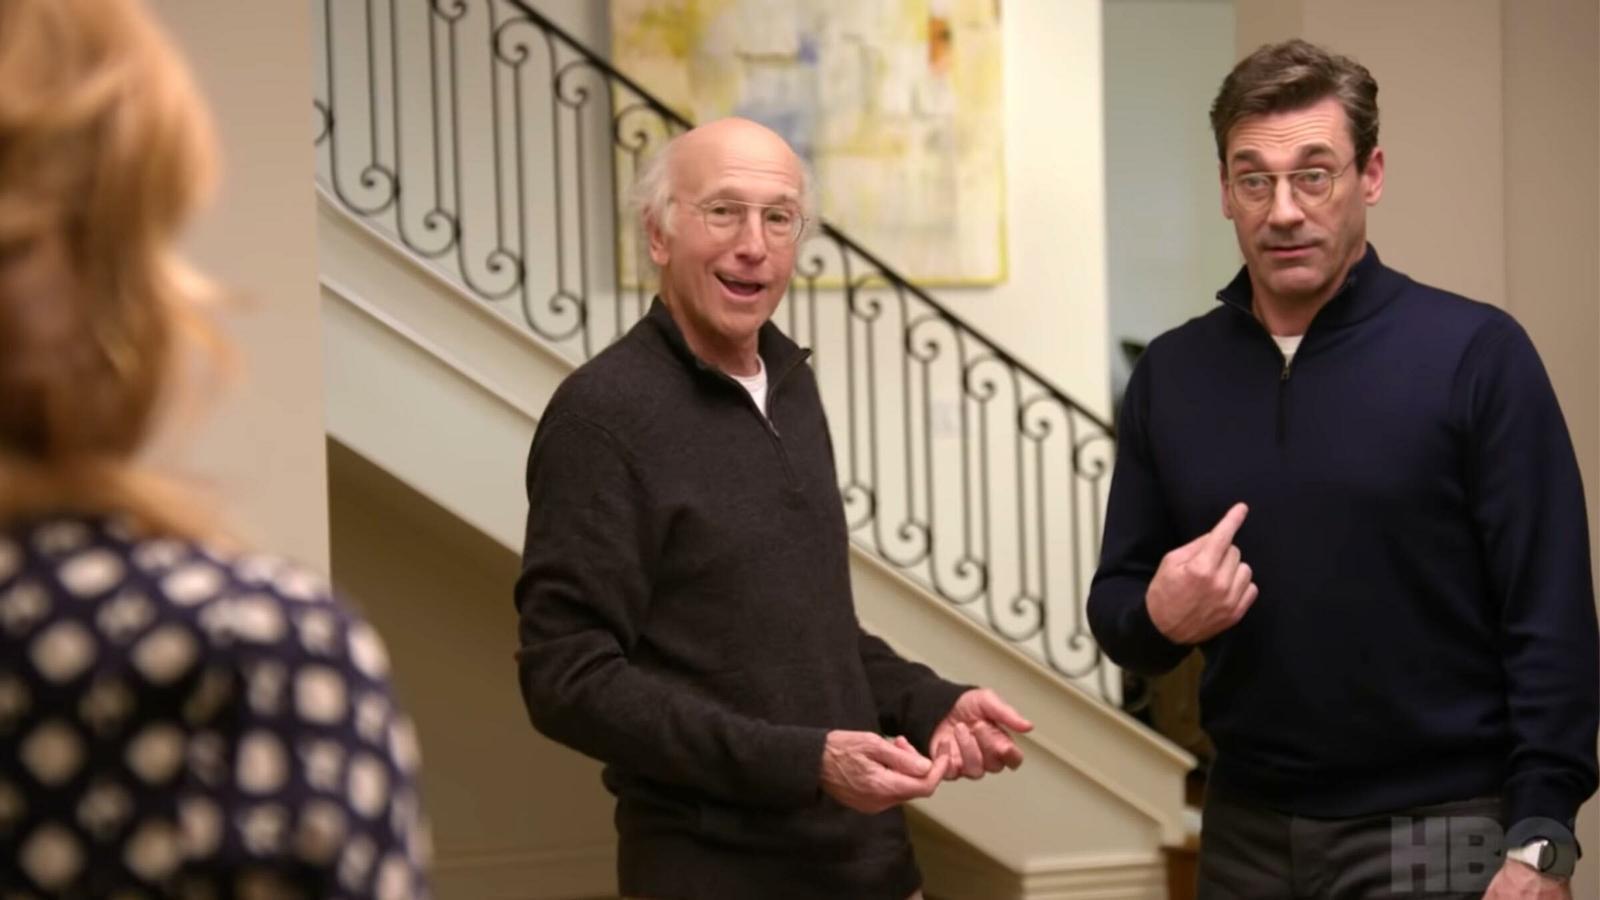 Larry David i Jon Hamm en una escena de la sèrie 'Larry David'